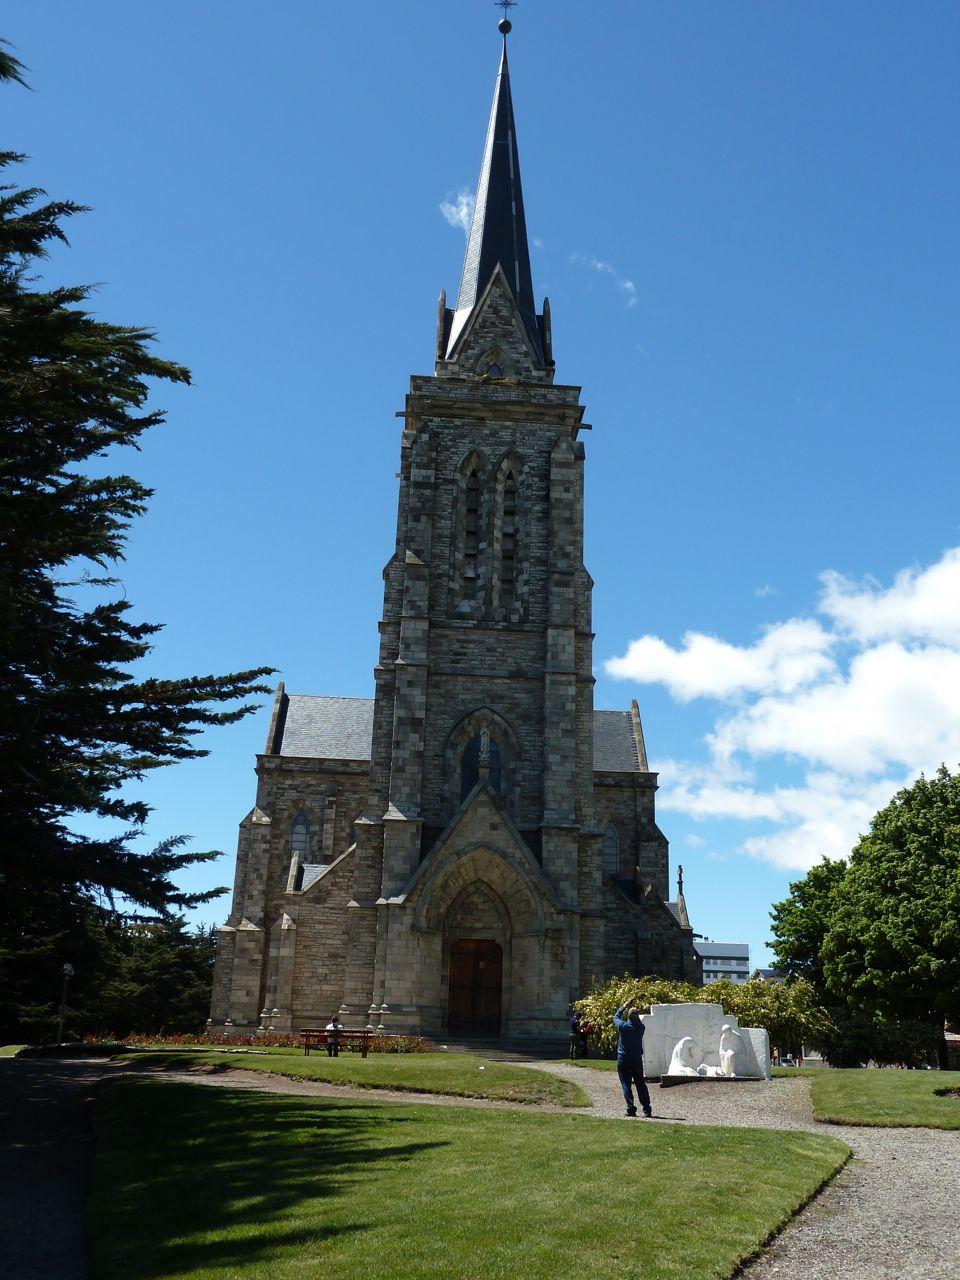 The Church in Bariloche